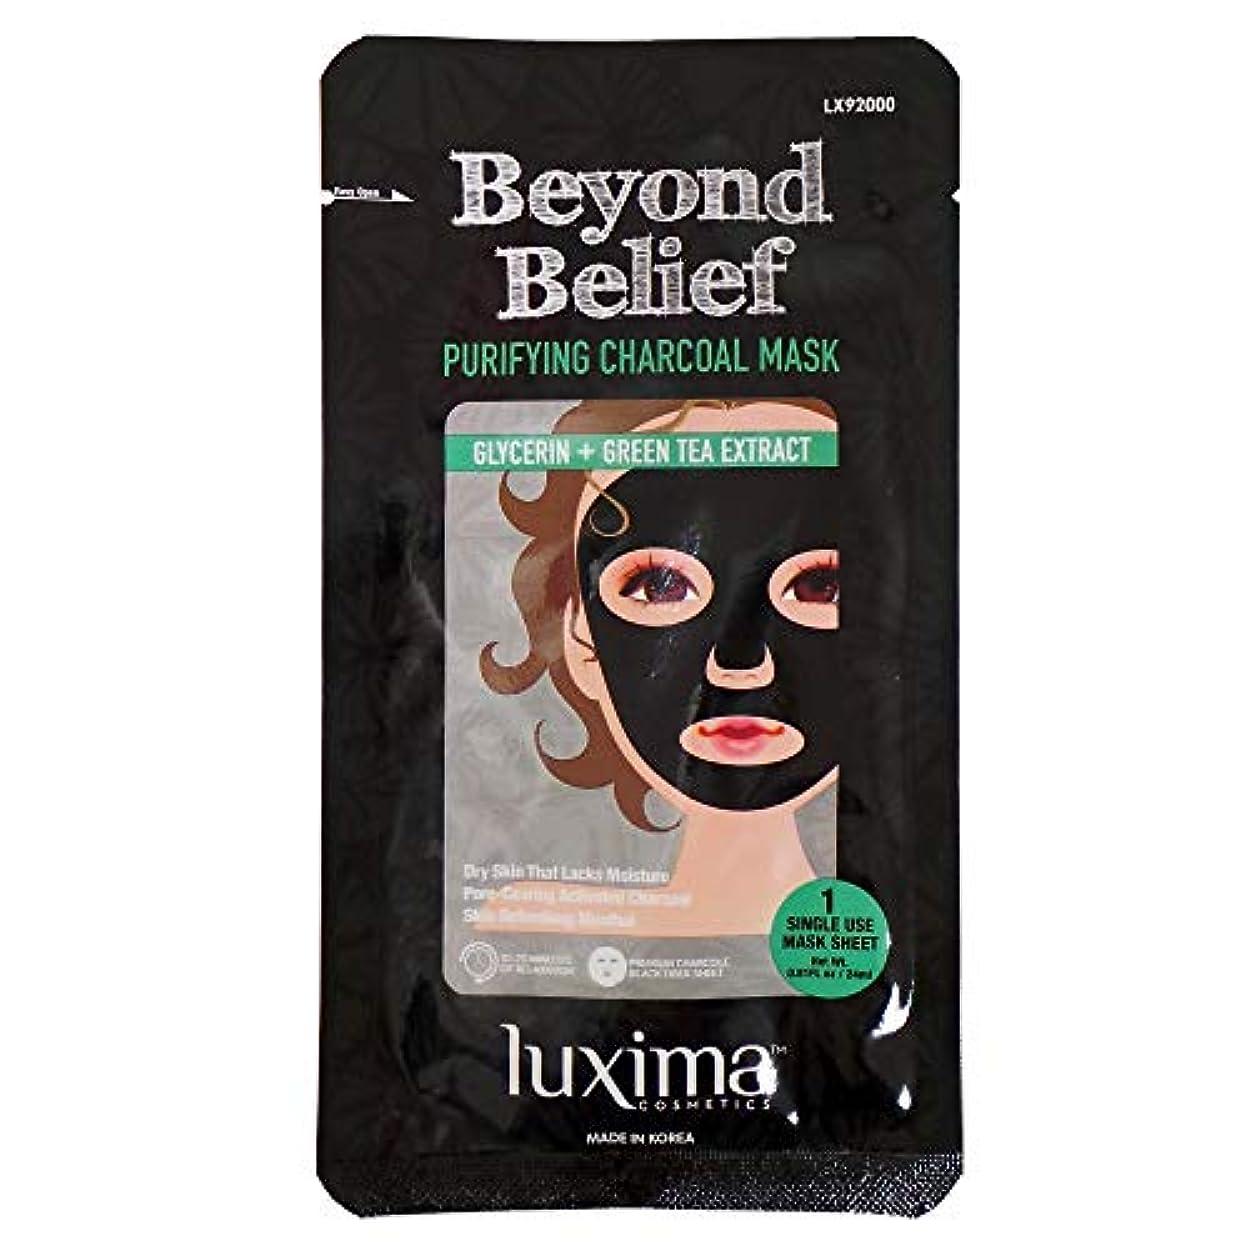 周りデクリメント形式(6 Pack) LUXIMA Beyond Belief Purifying Charcoal Mask (並行輸入品)